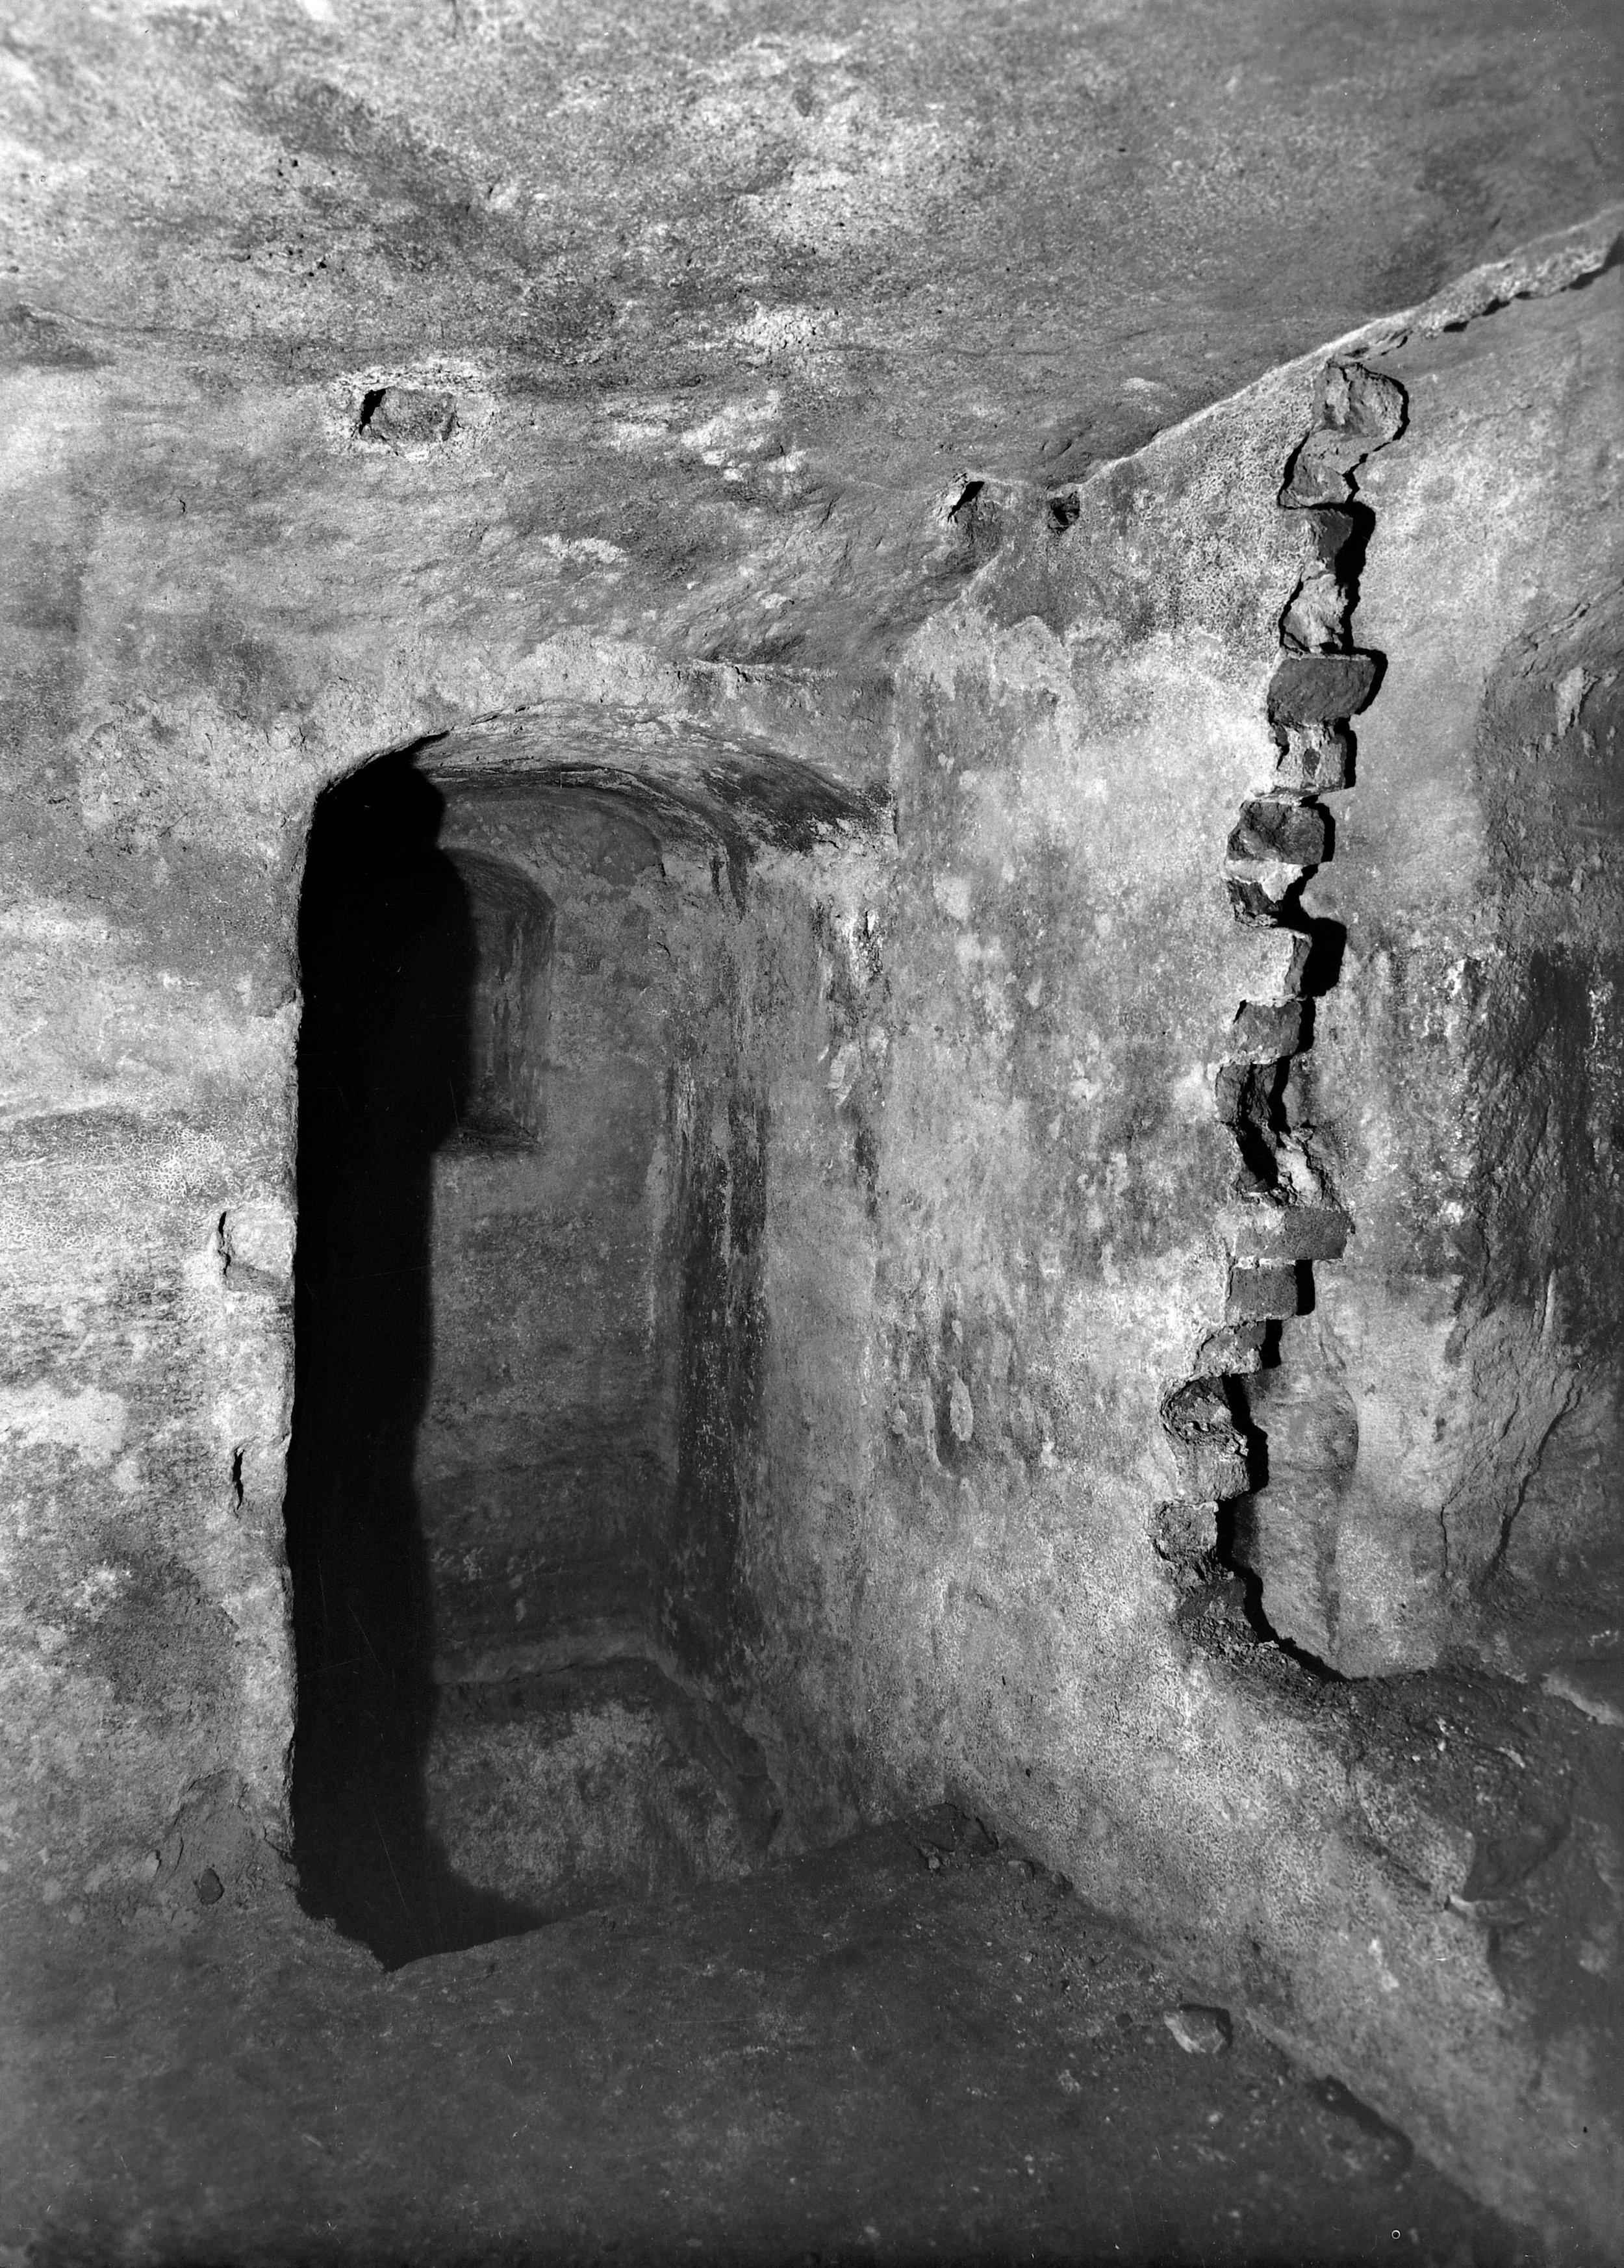 Mittelalterlicher Kellerraum mit Becken und Wandnische in der nördlichen Stichbogenöffnung im Anwesen Koenigstraße 18. Foto: Friedrich August Nagel, 1941. (Stadtarchiv Nuernberg A 46 Nr. 14200)